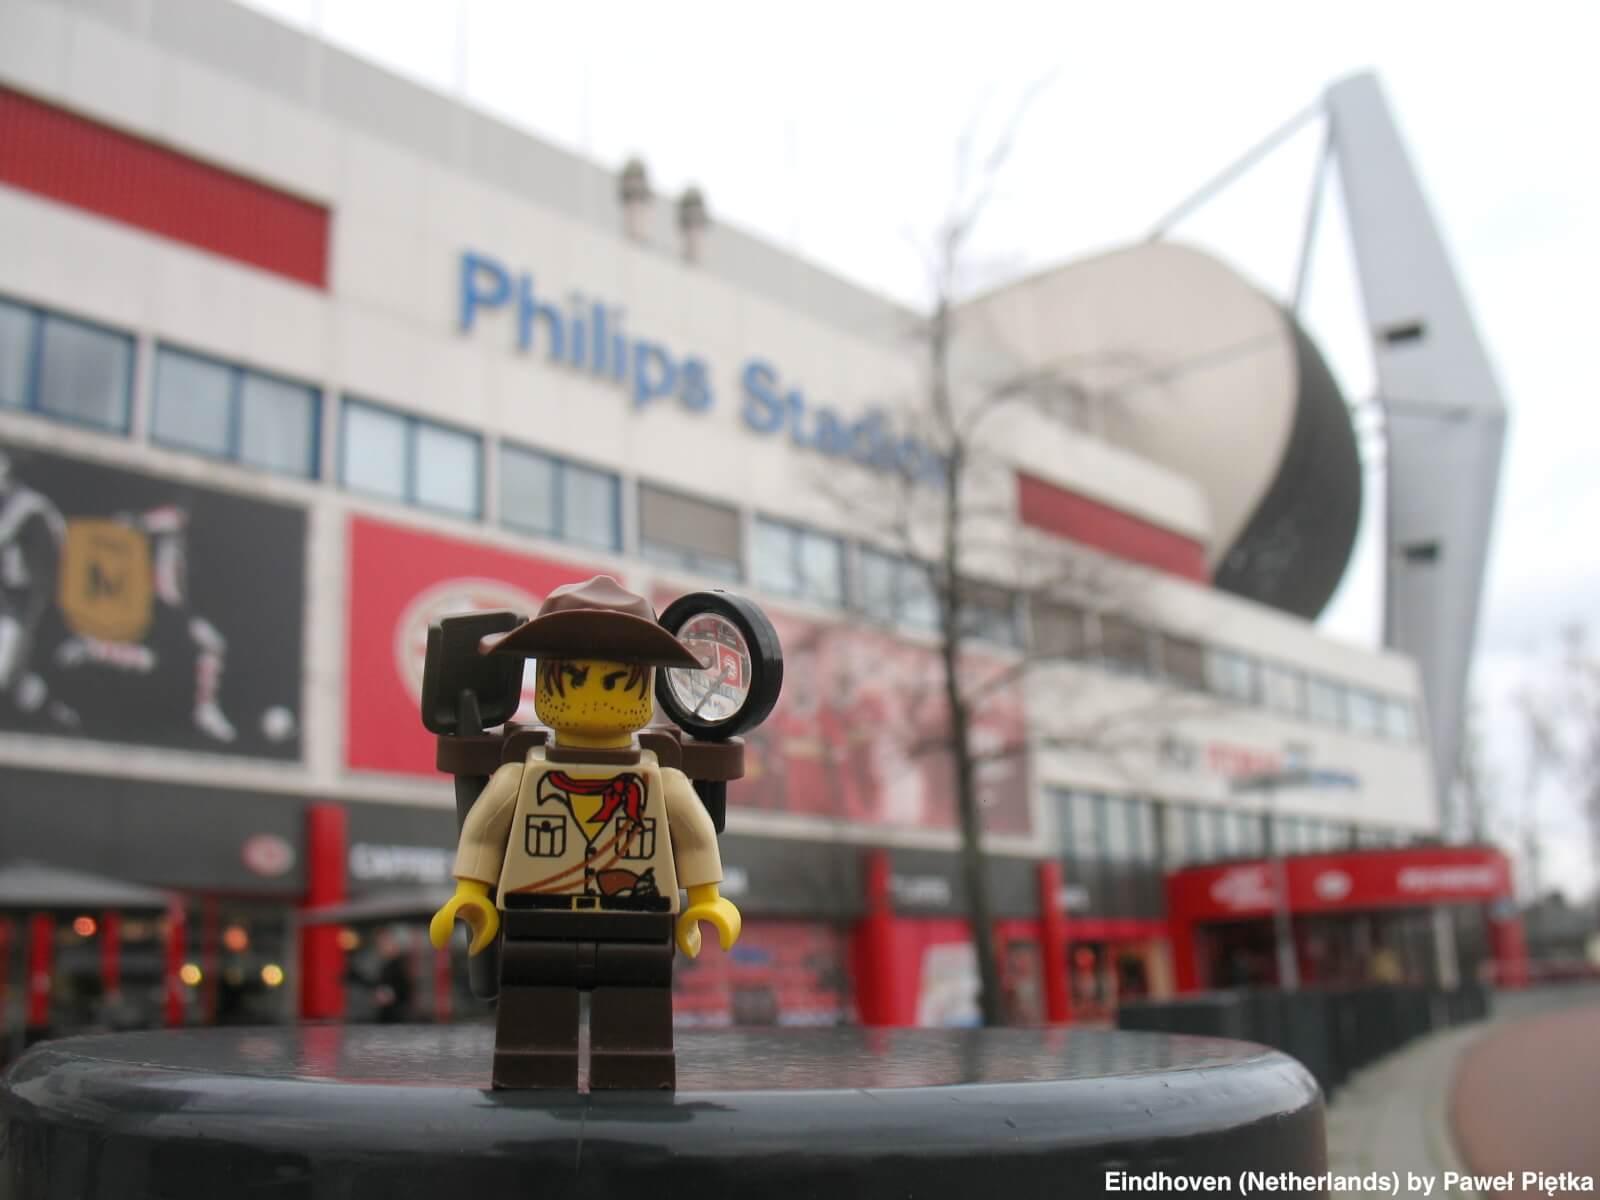 Eindhoven (Netherlands) - Philips Stadion